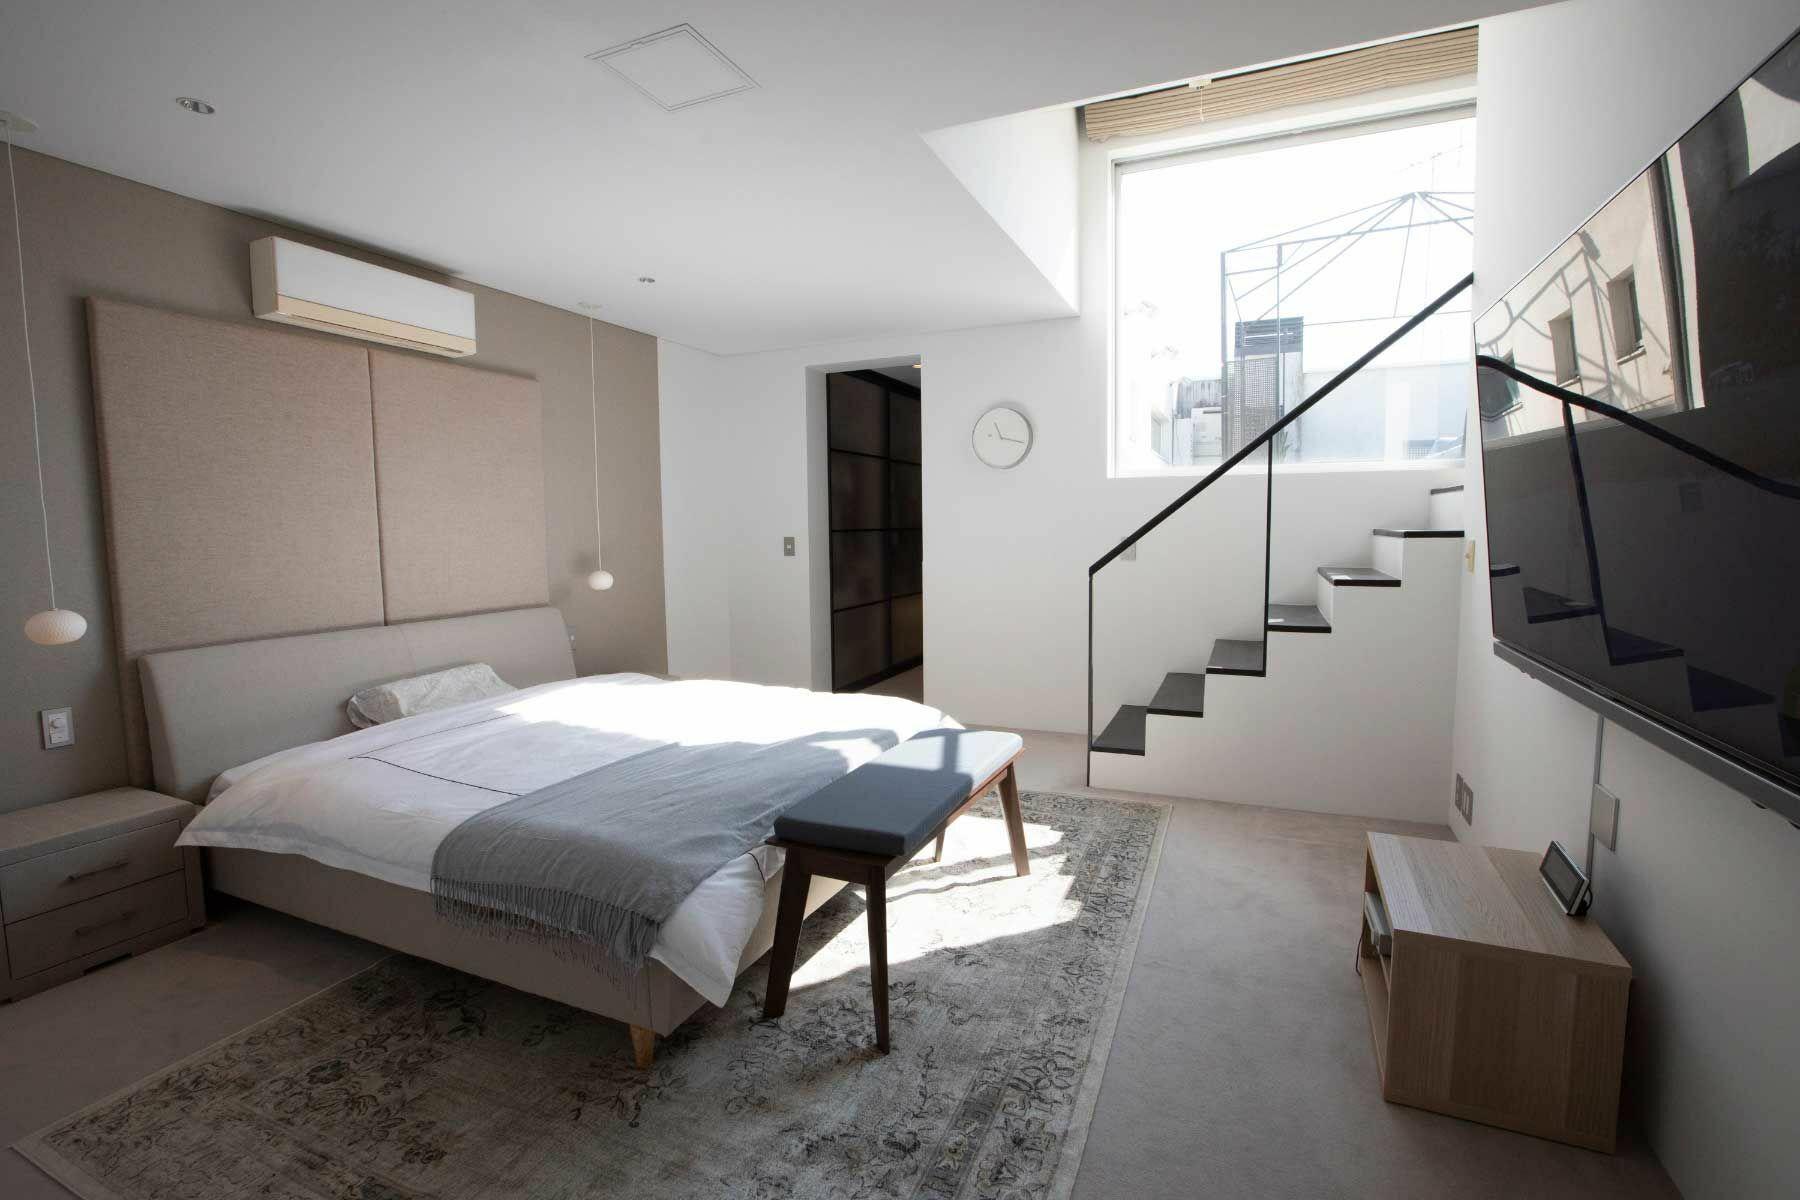 渋谷区西原ハウス /個人宅 (シブヤクニシハラハウス)ベッドルーム